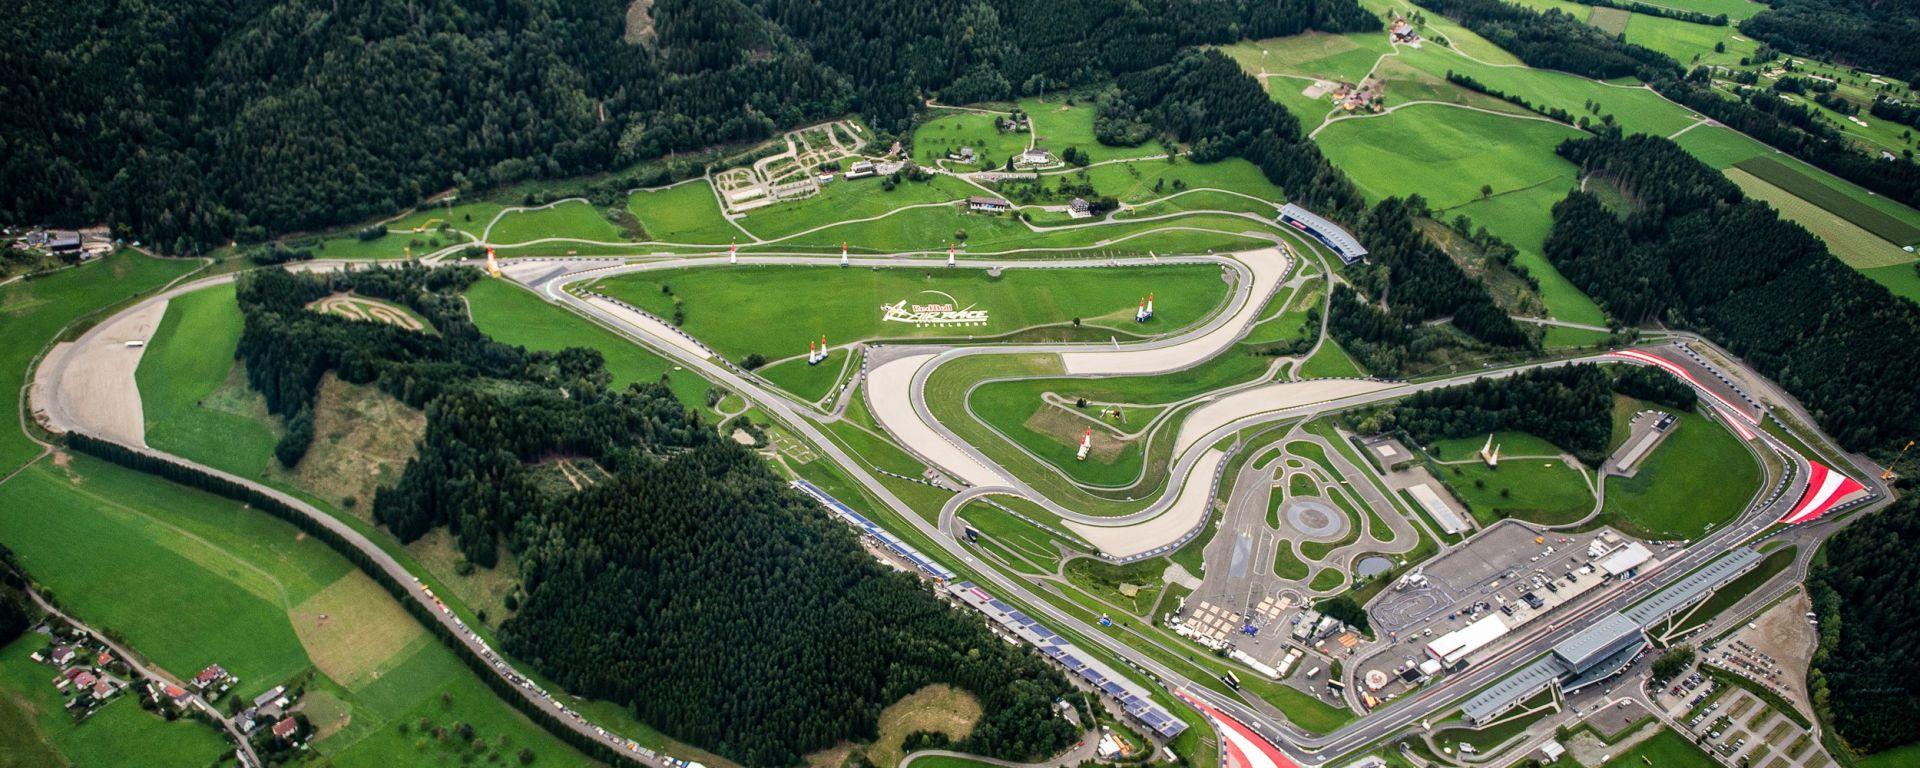 MotoGP Austria 2016: gli orari della diretta TV al Red Bull Ring